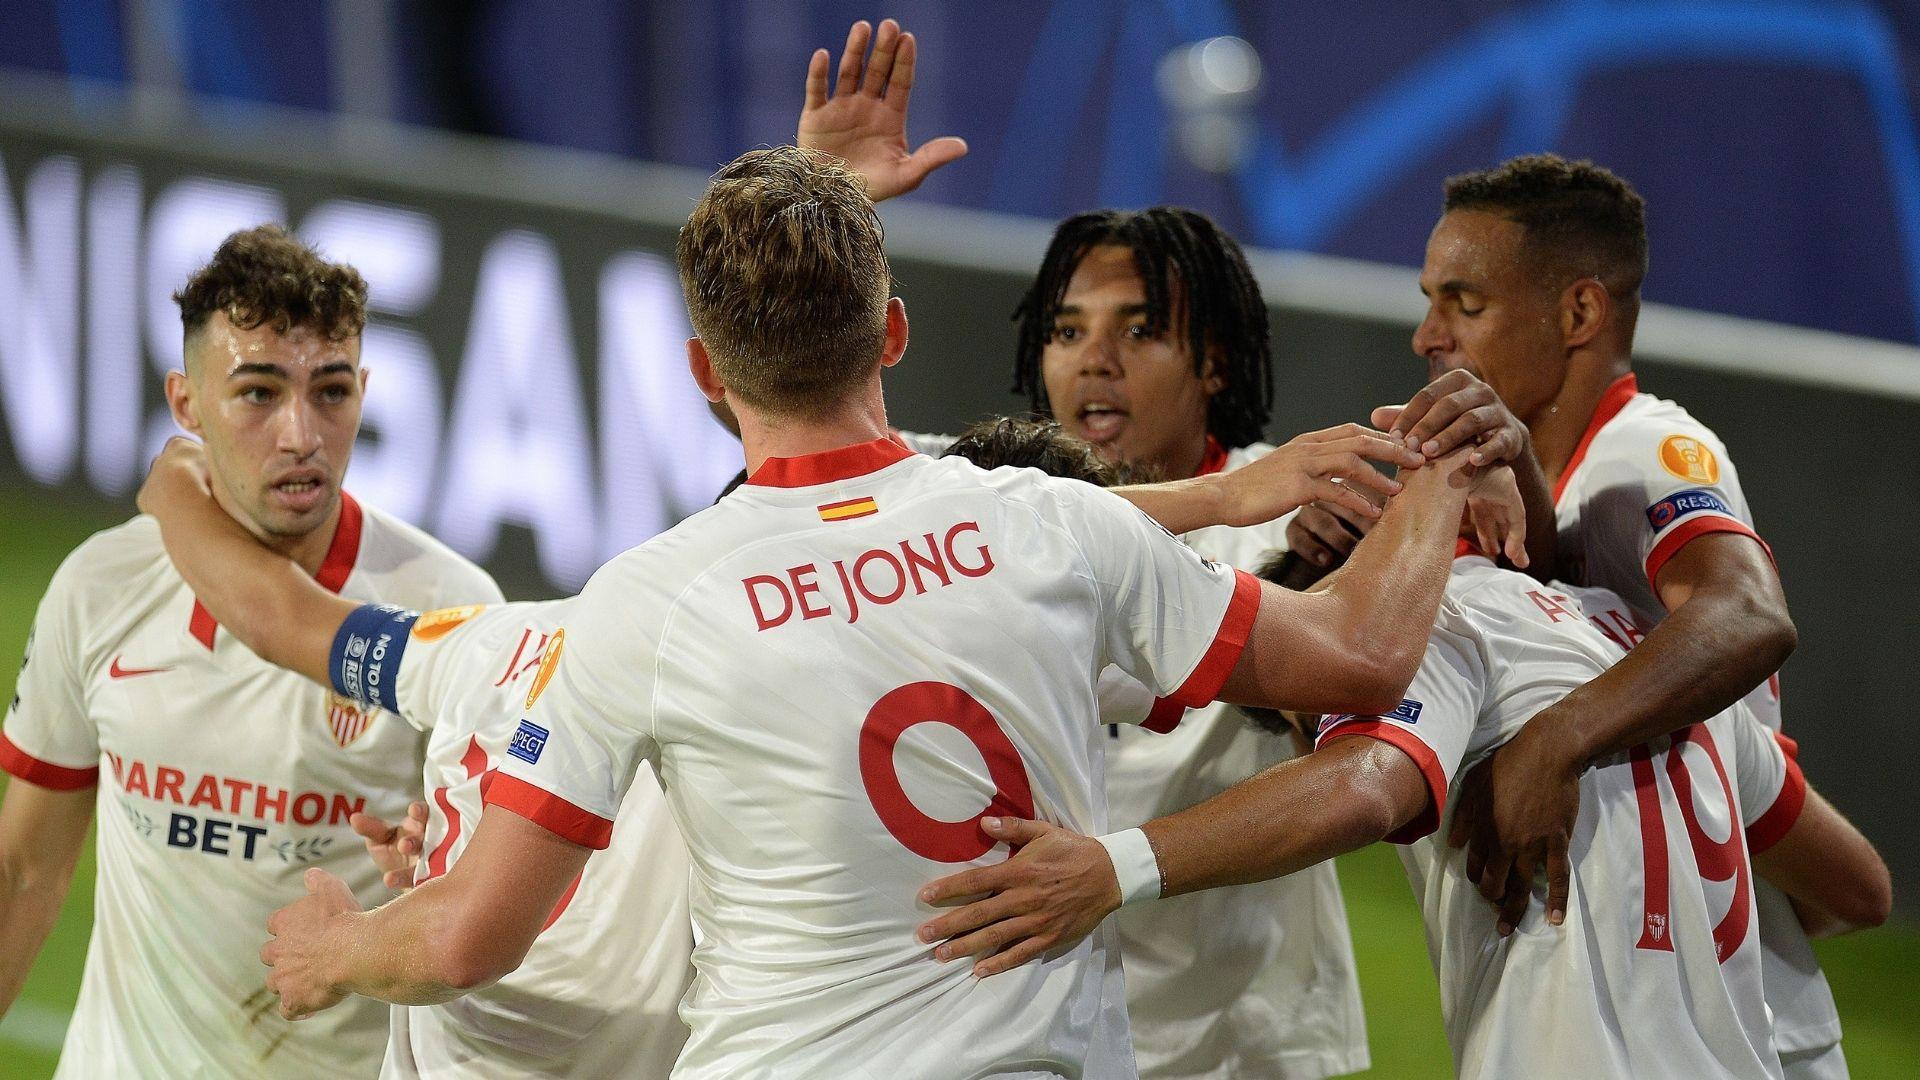 Sevilla vs. Rennes de la Champions League en directo: resultado,  alineaciones, polémicas, reacciones y ruedas de prensa   Goal.com